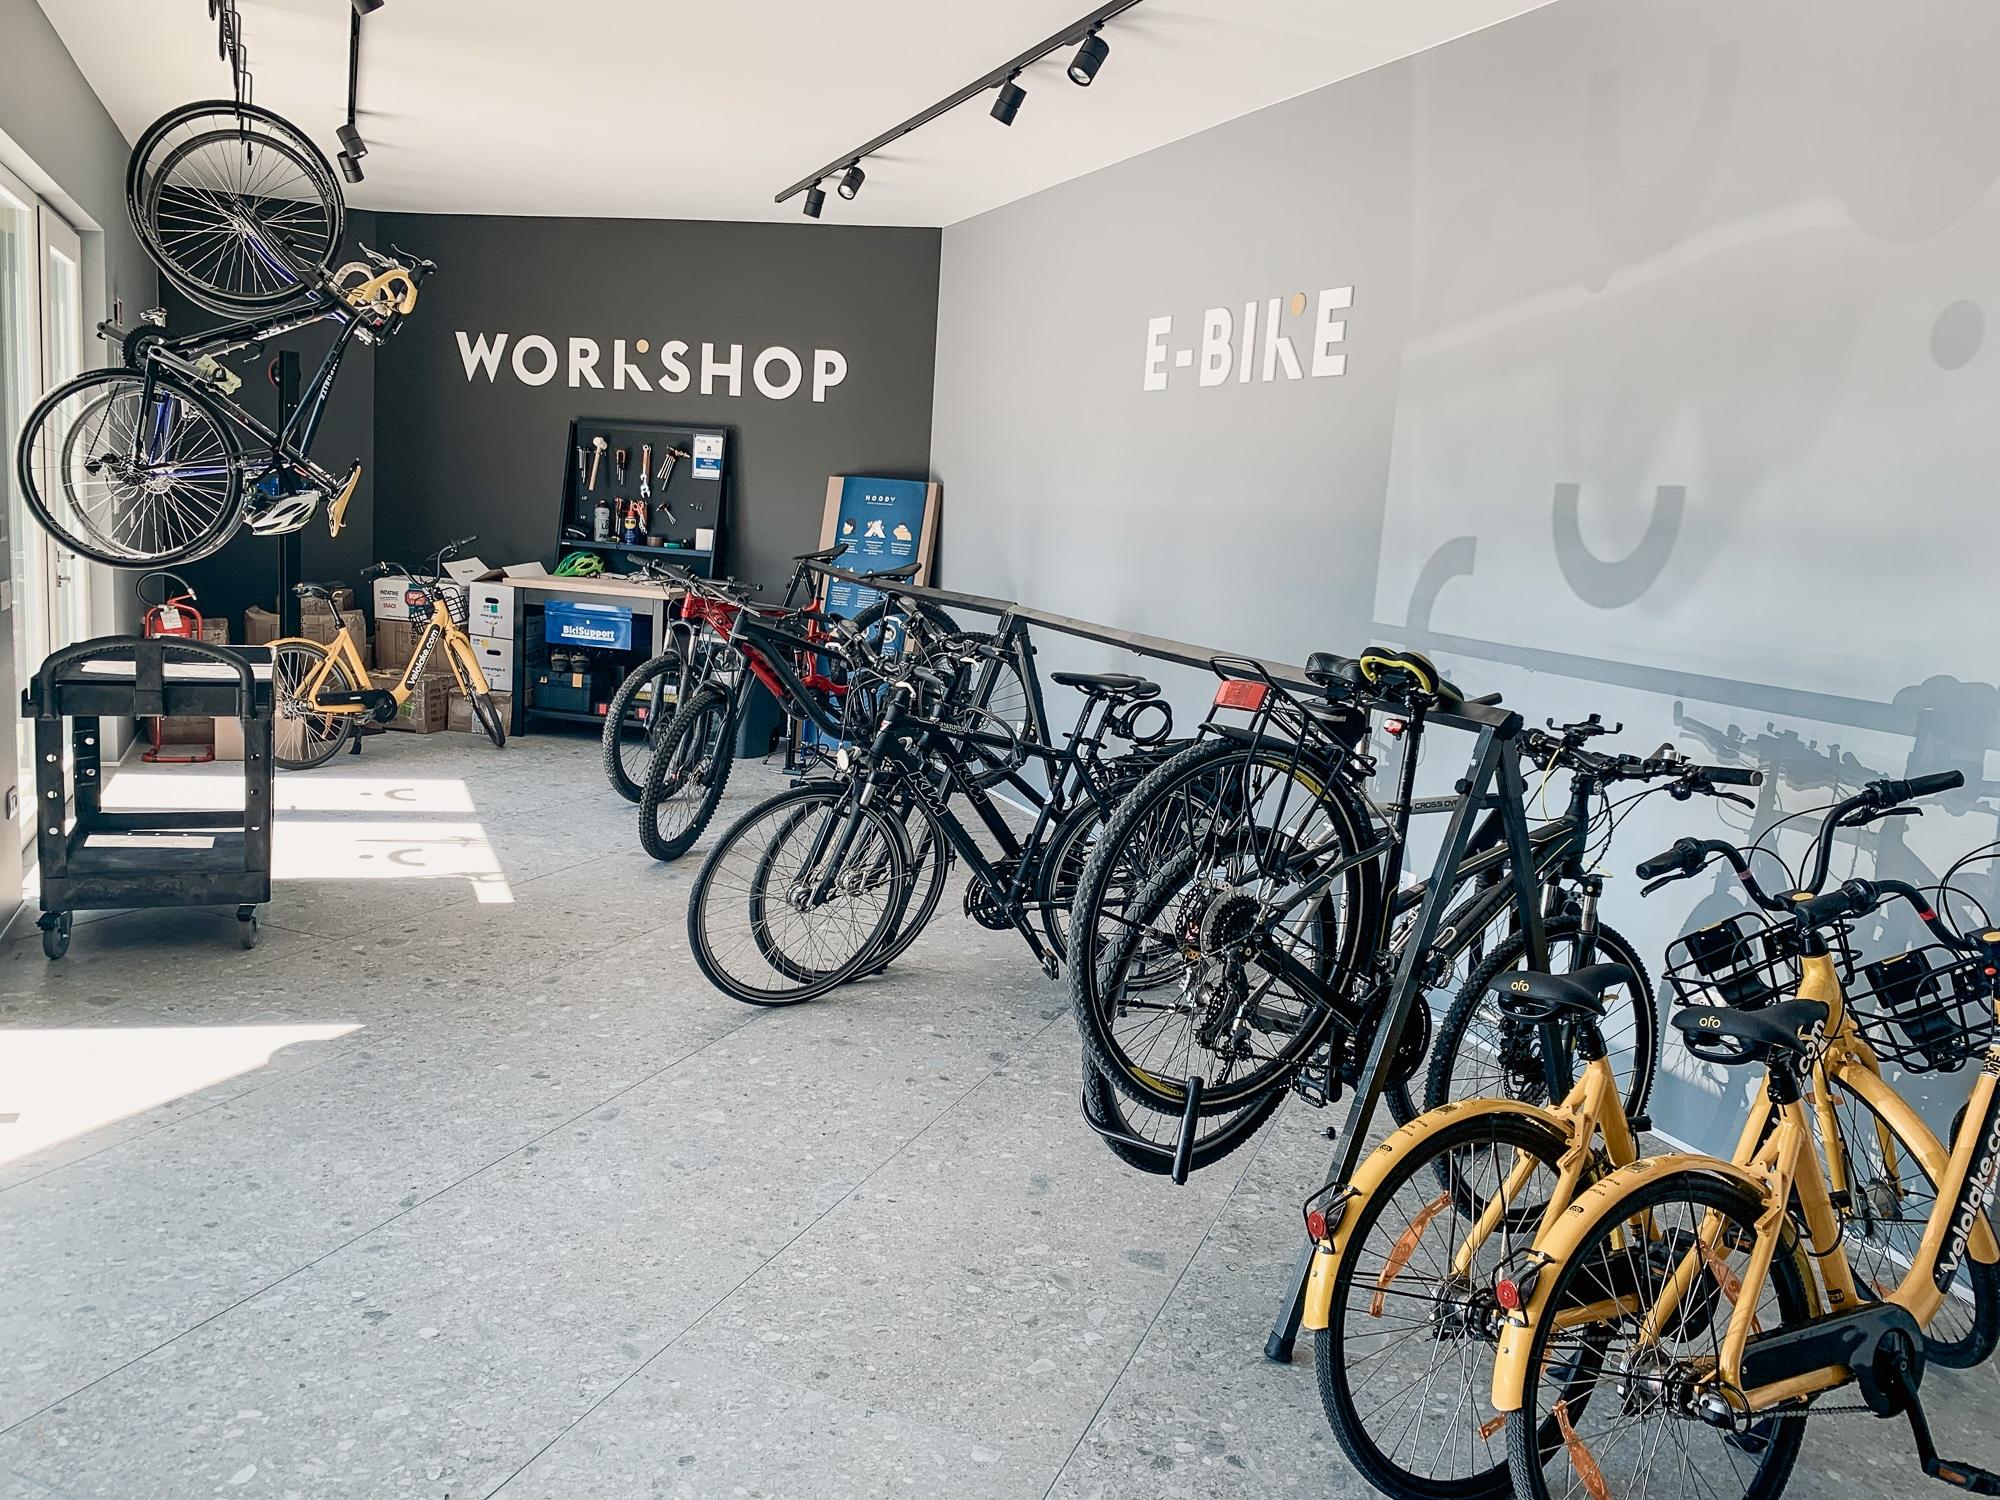 Hoody Hotel: Meine Erfahrungen im Gardasee Active & Happiness Hotel - Fahrradraum